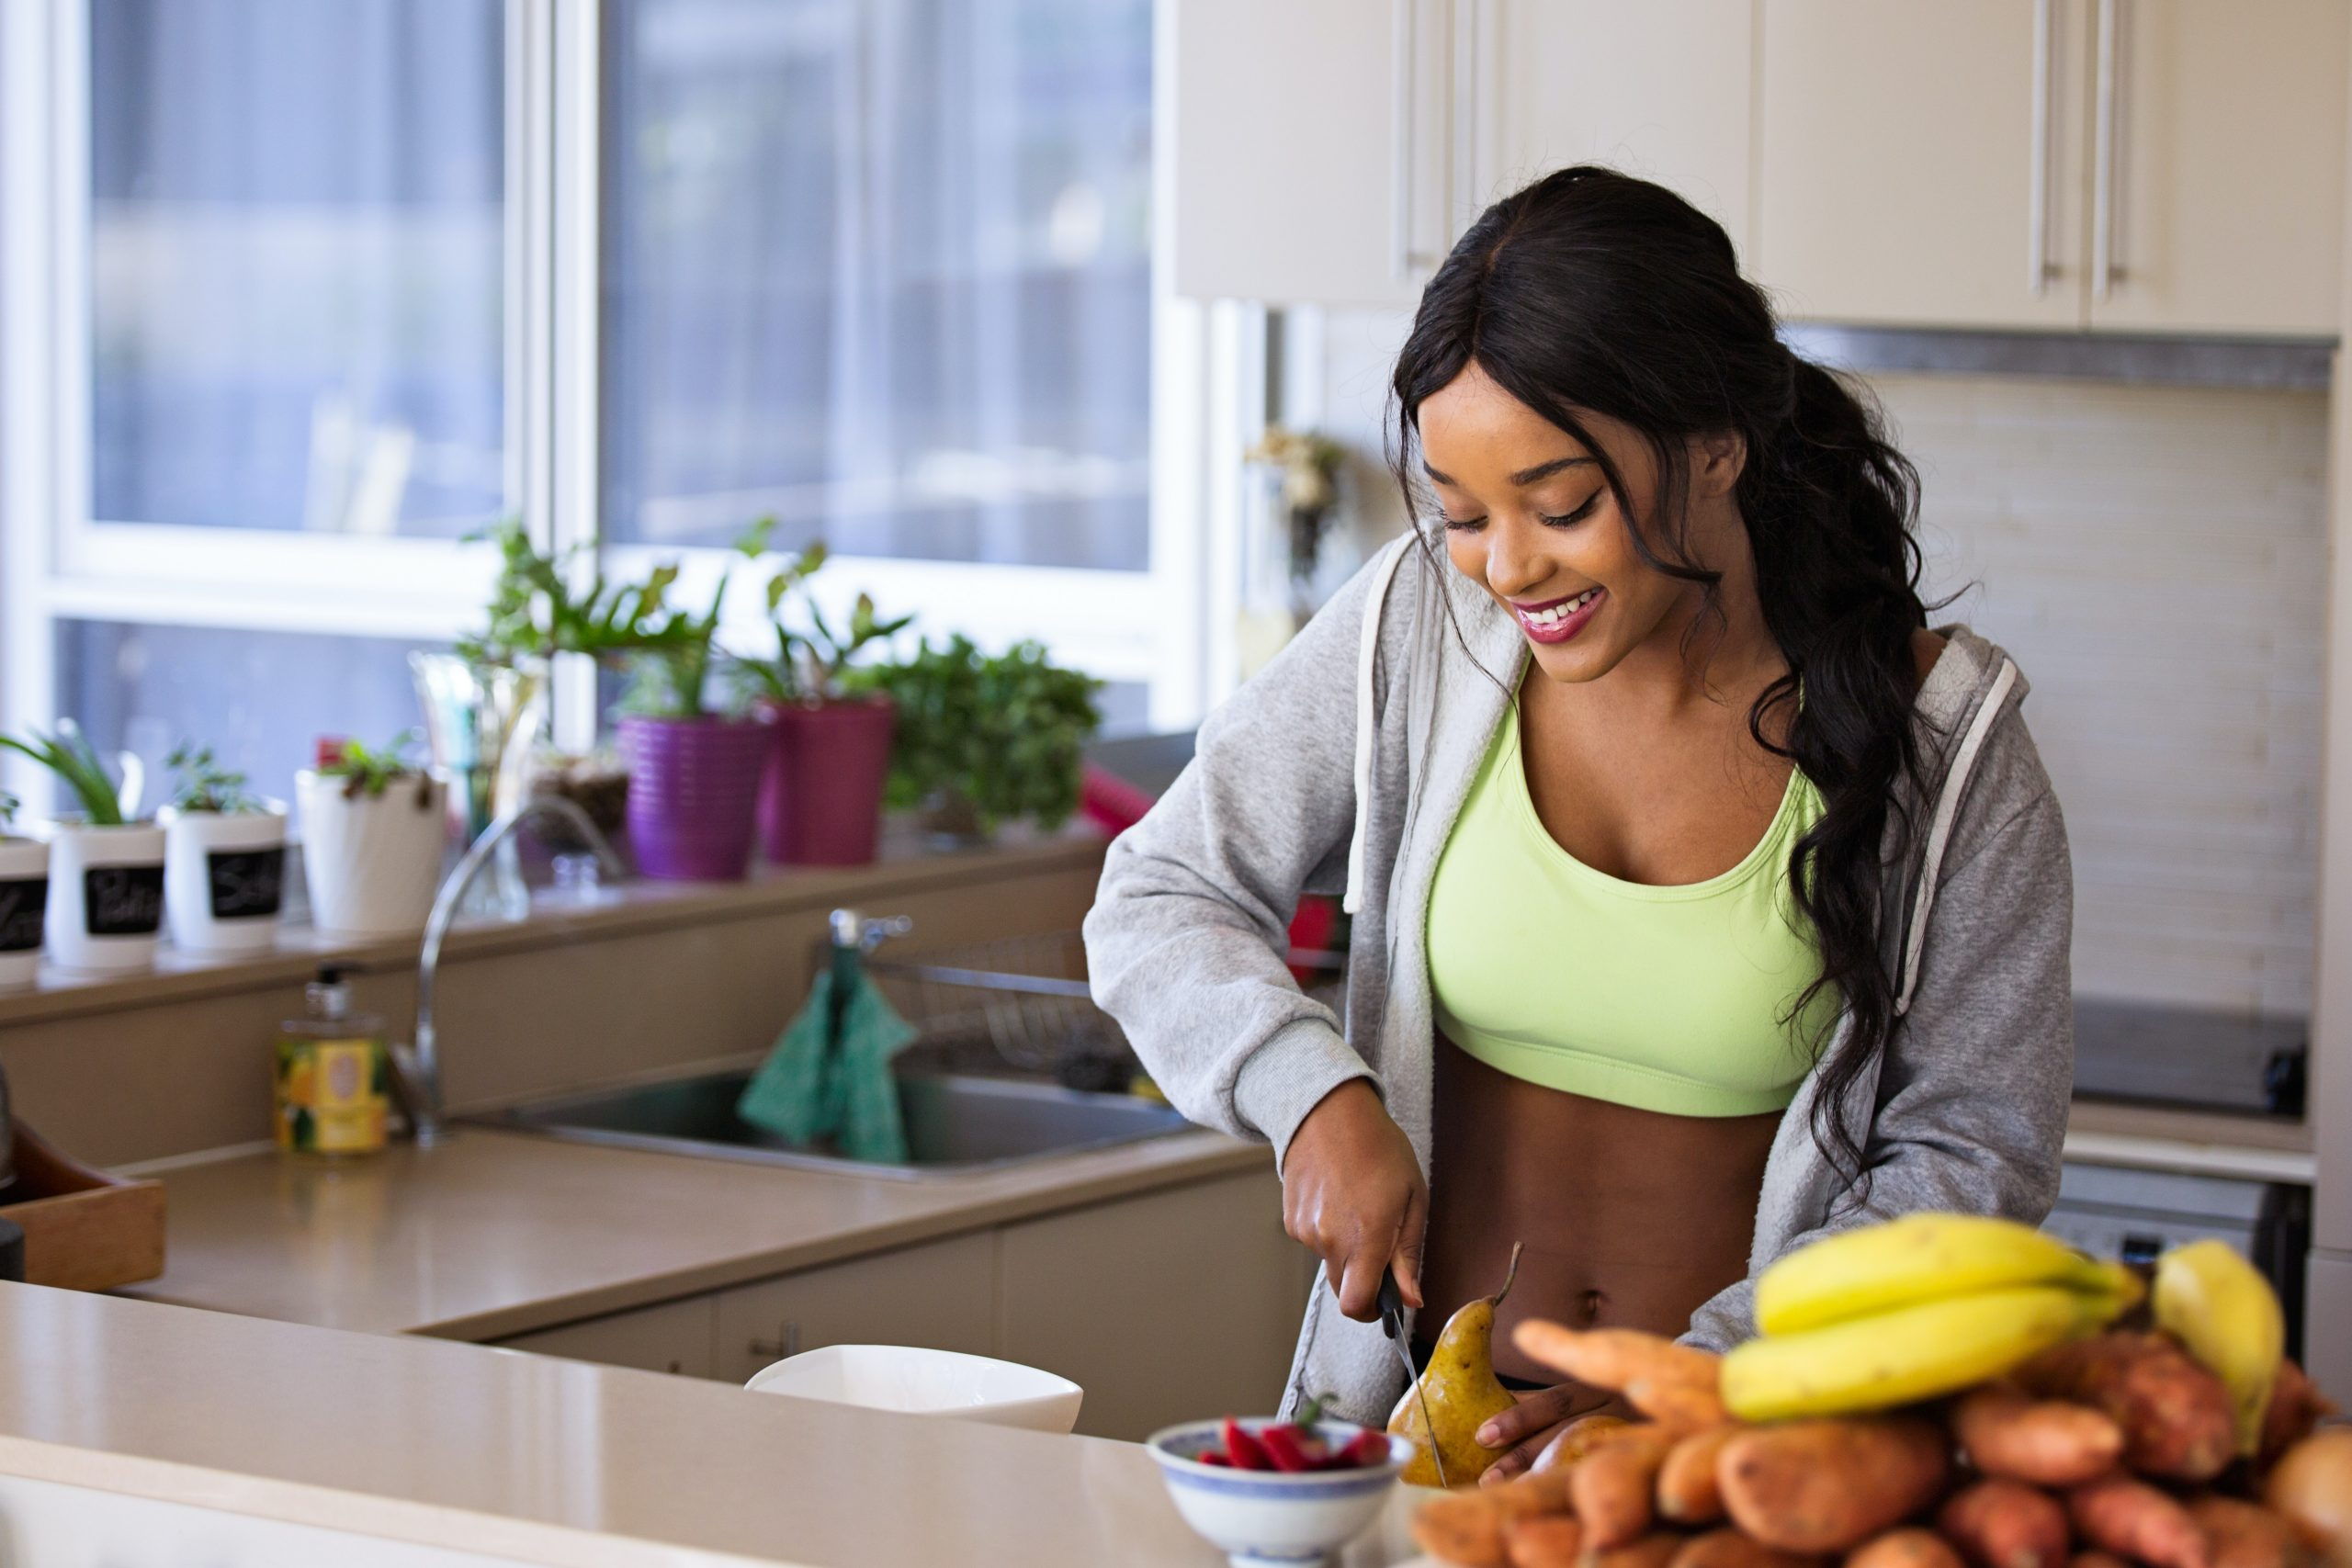 De gezonde lifestyle